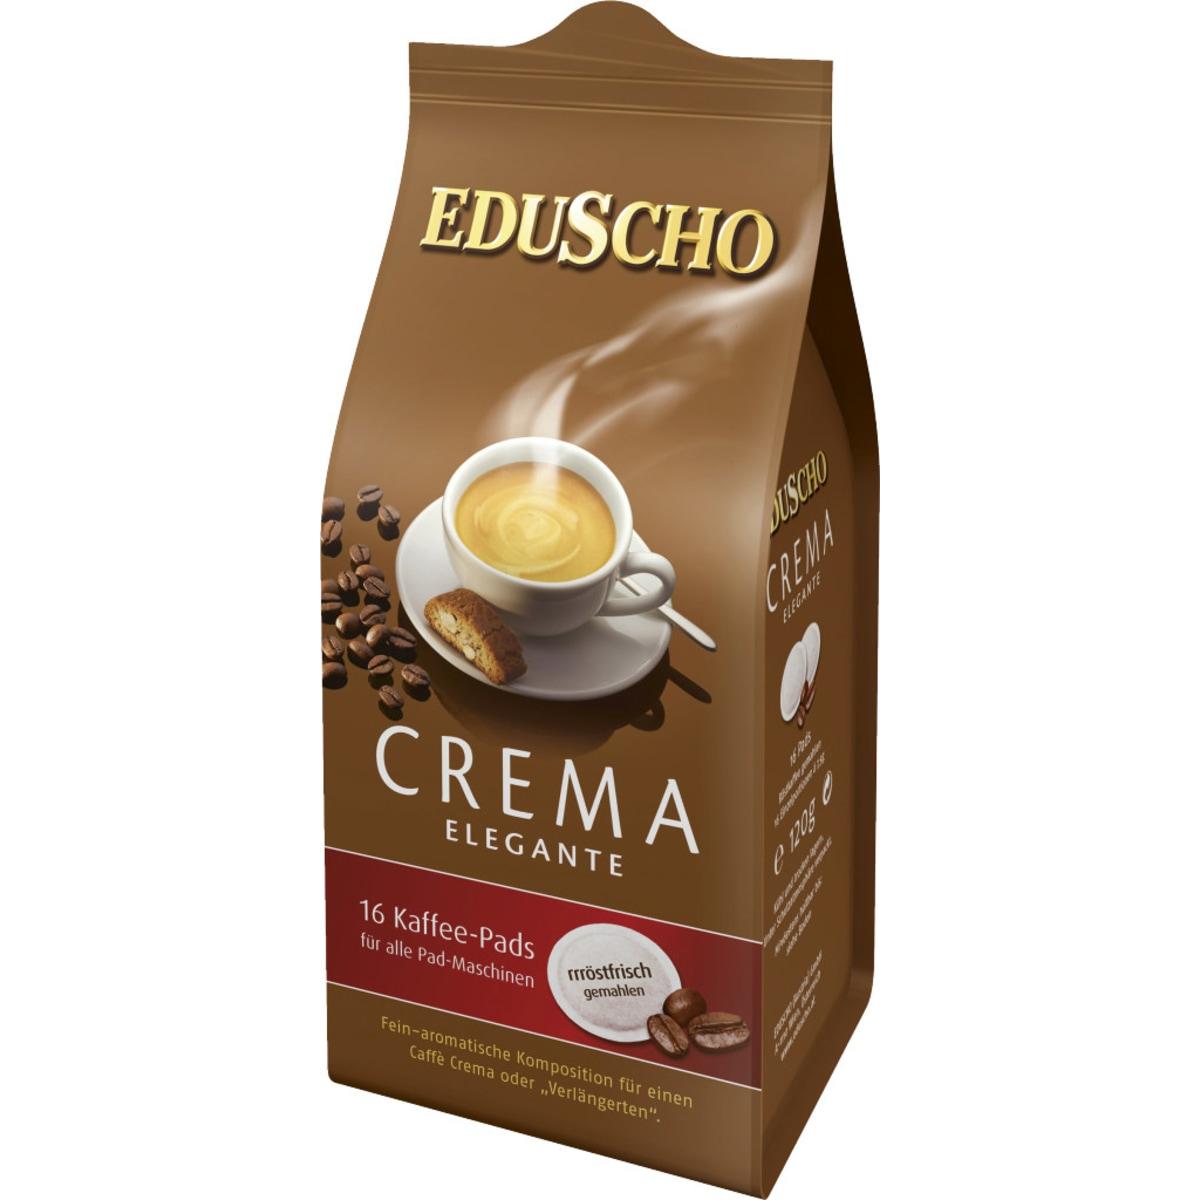 Eduscho Crema Elegante Pads